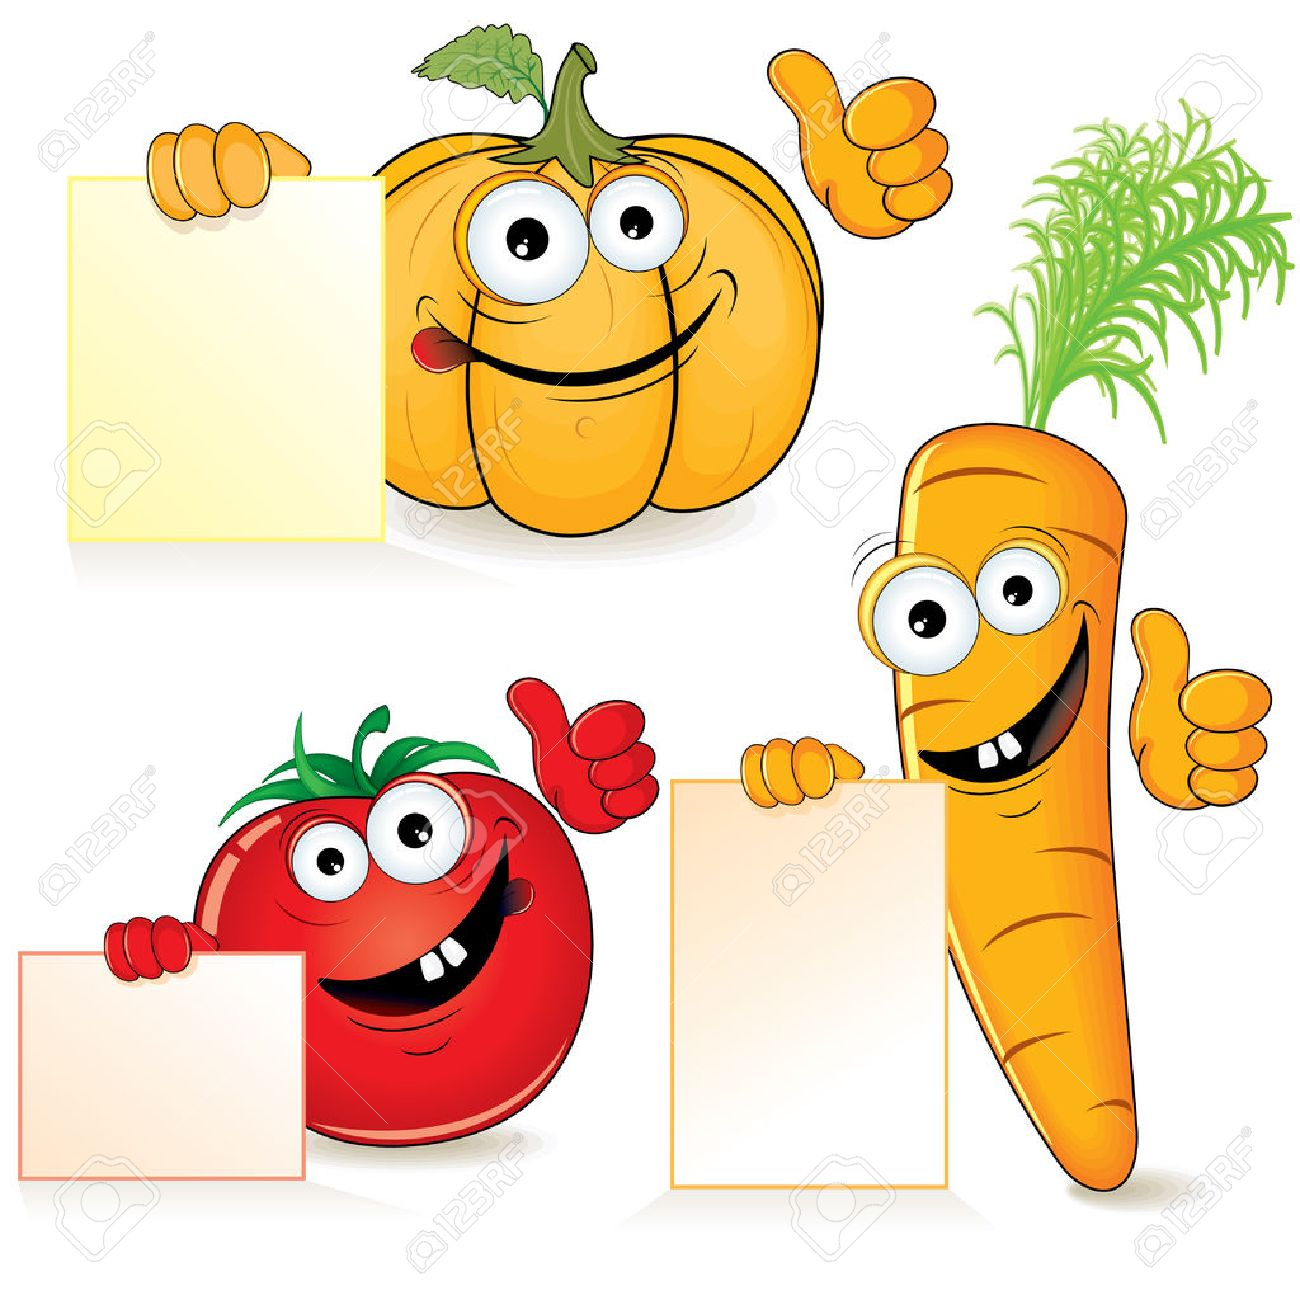 かわいい漫画野菜の空の記号 ロイヤリティフリークリップアート